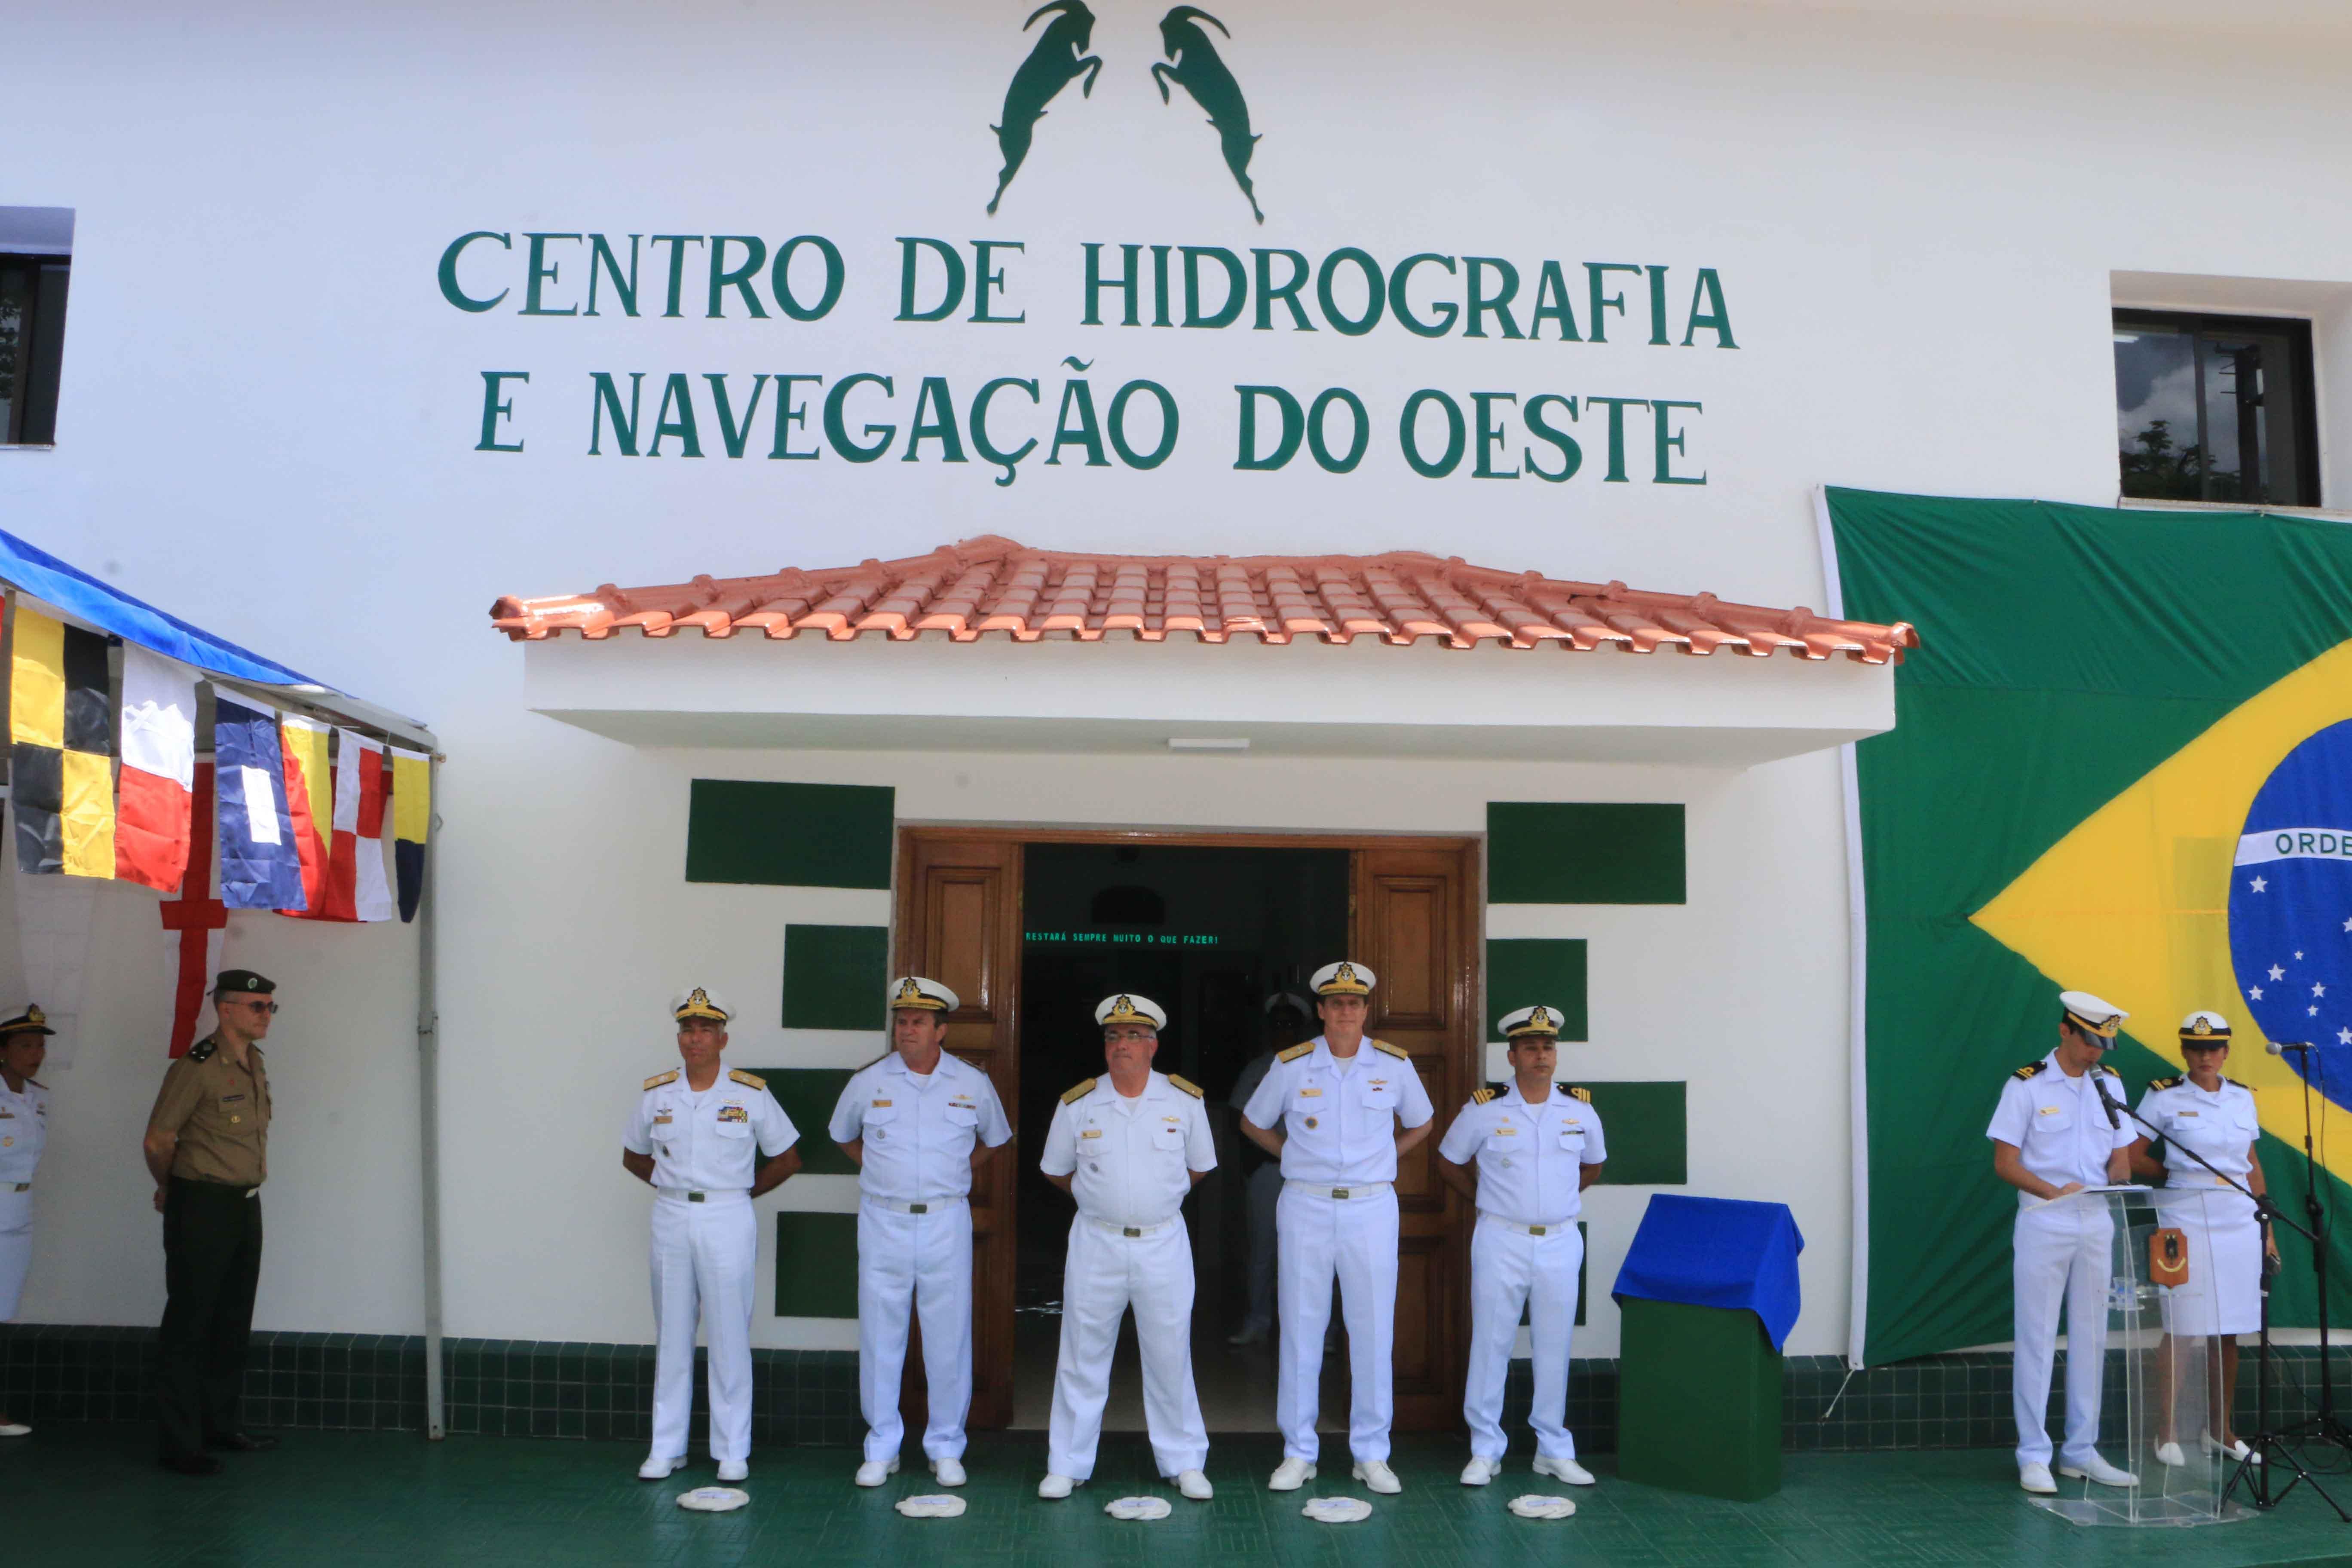 Cerimônia contou com presença de autoridades civis e militares